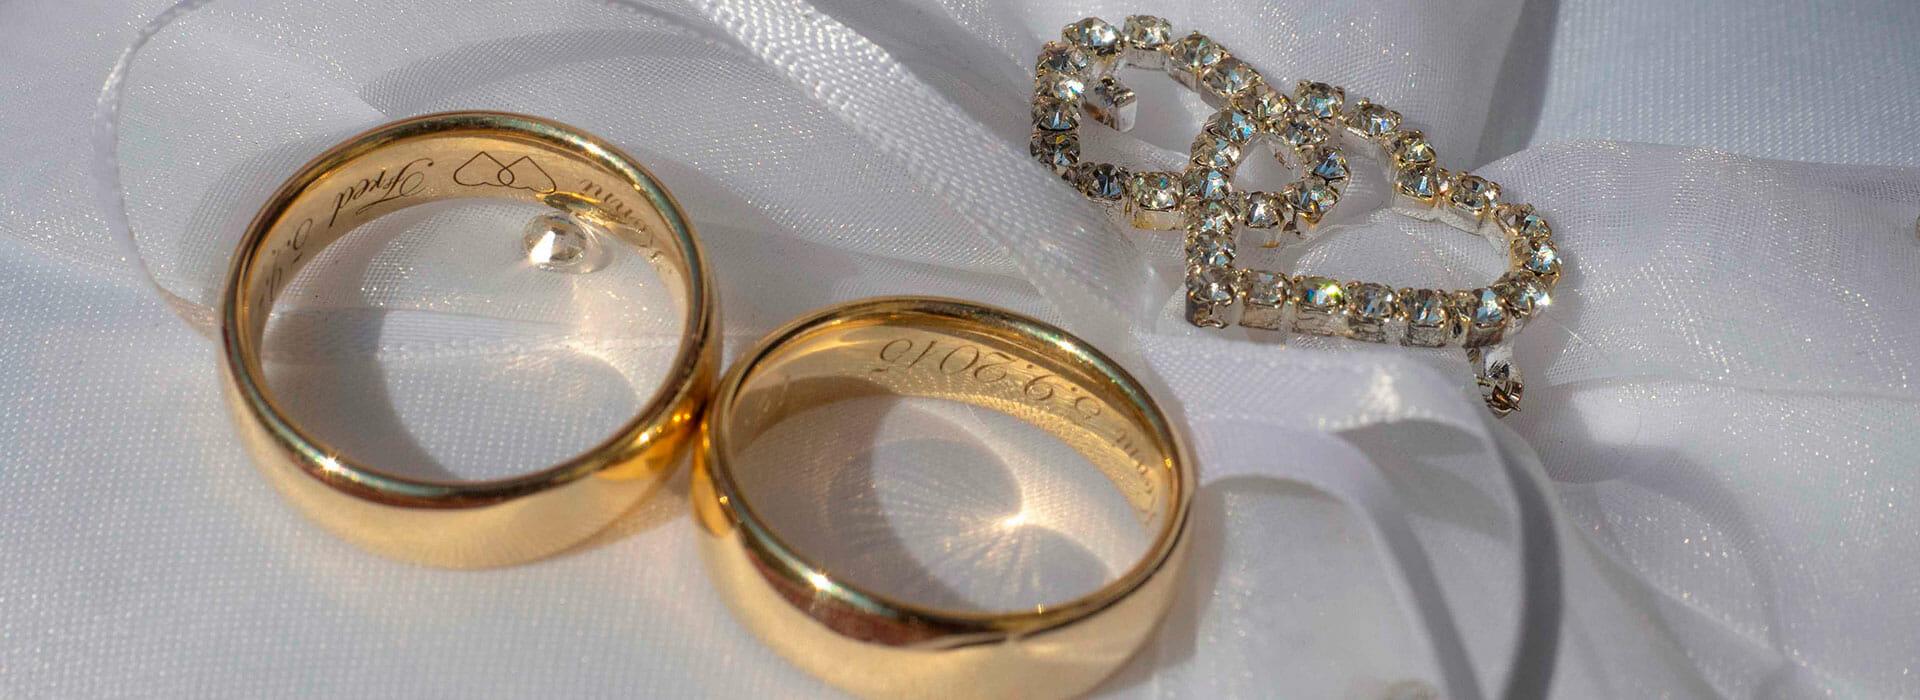 Hochzeit in Krems Eheringe auf Polster